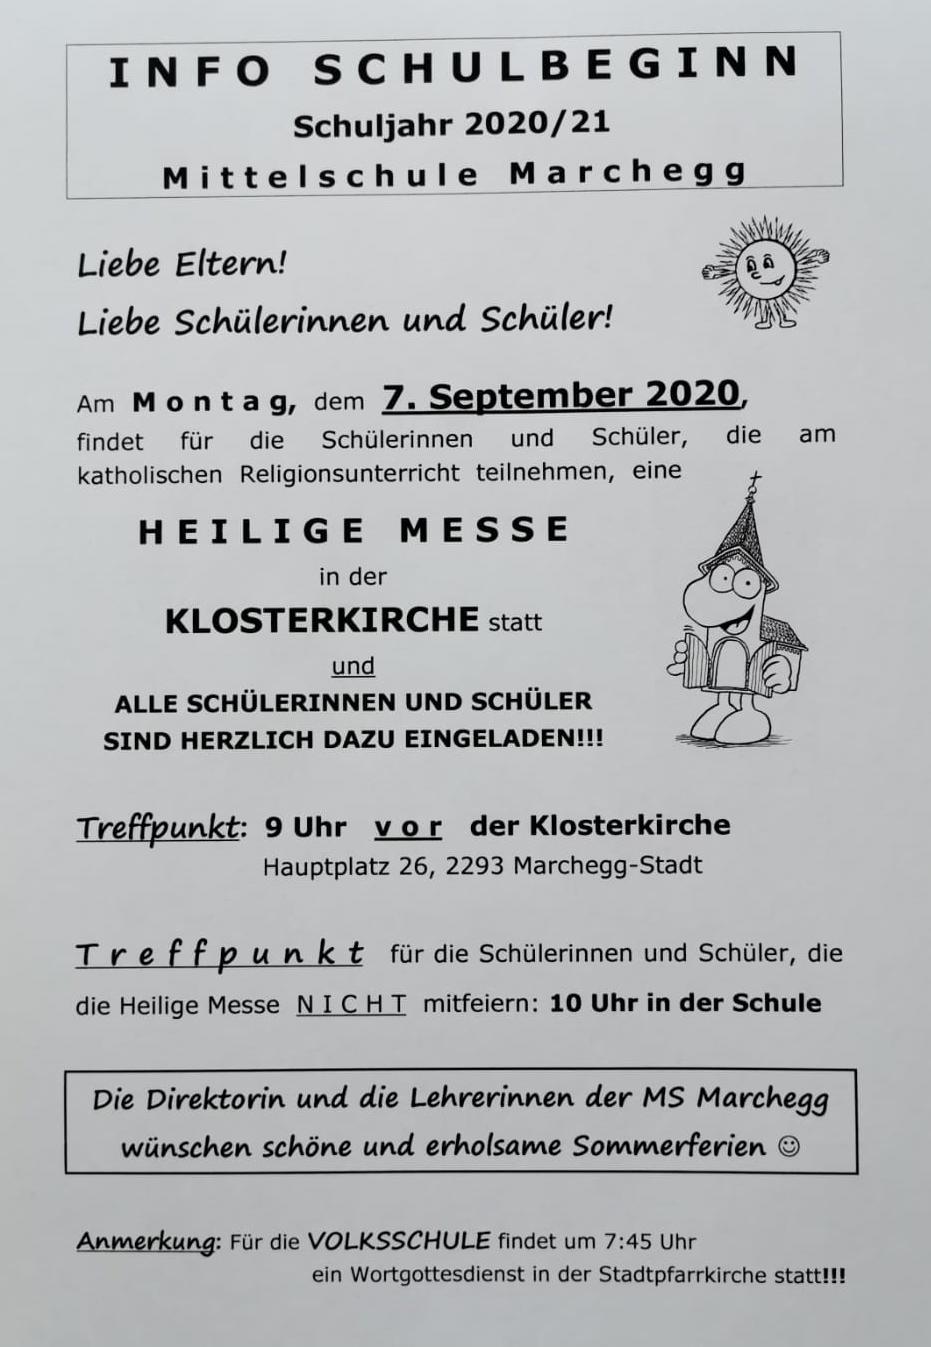 Schulbeginn 2020_2021